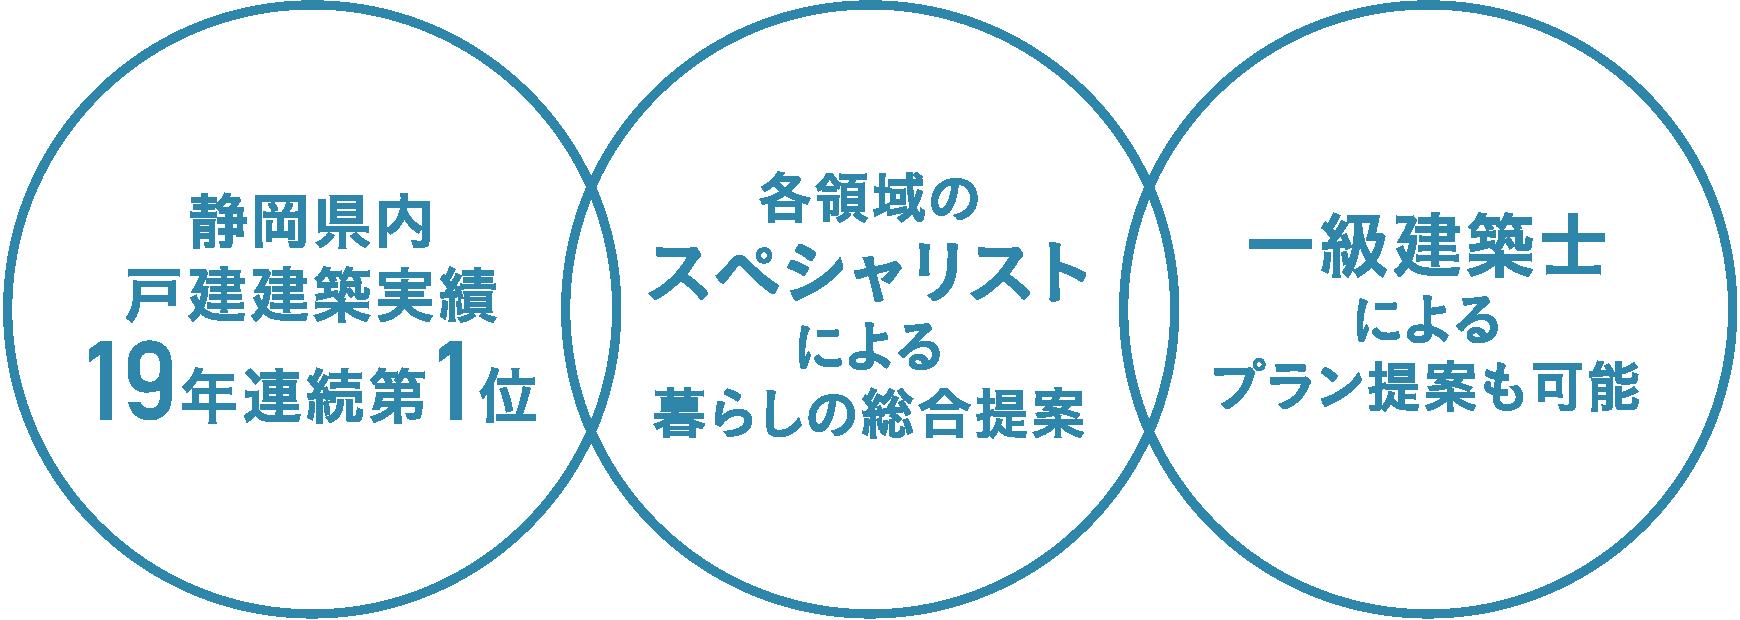 静岡県内戸建建築実績 19年連続第1位 各領域のスペシャリストによる暮らしの総合提案 一級建築士によるプラン提案も可能